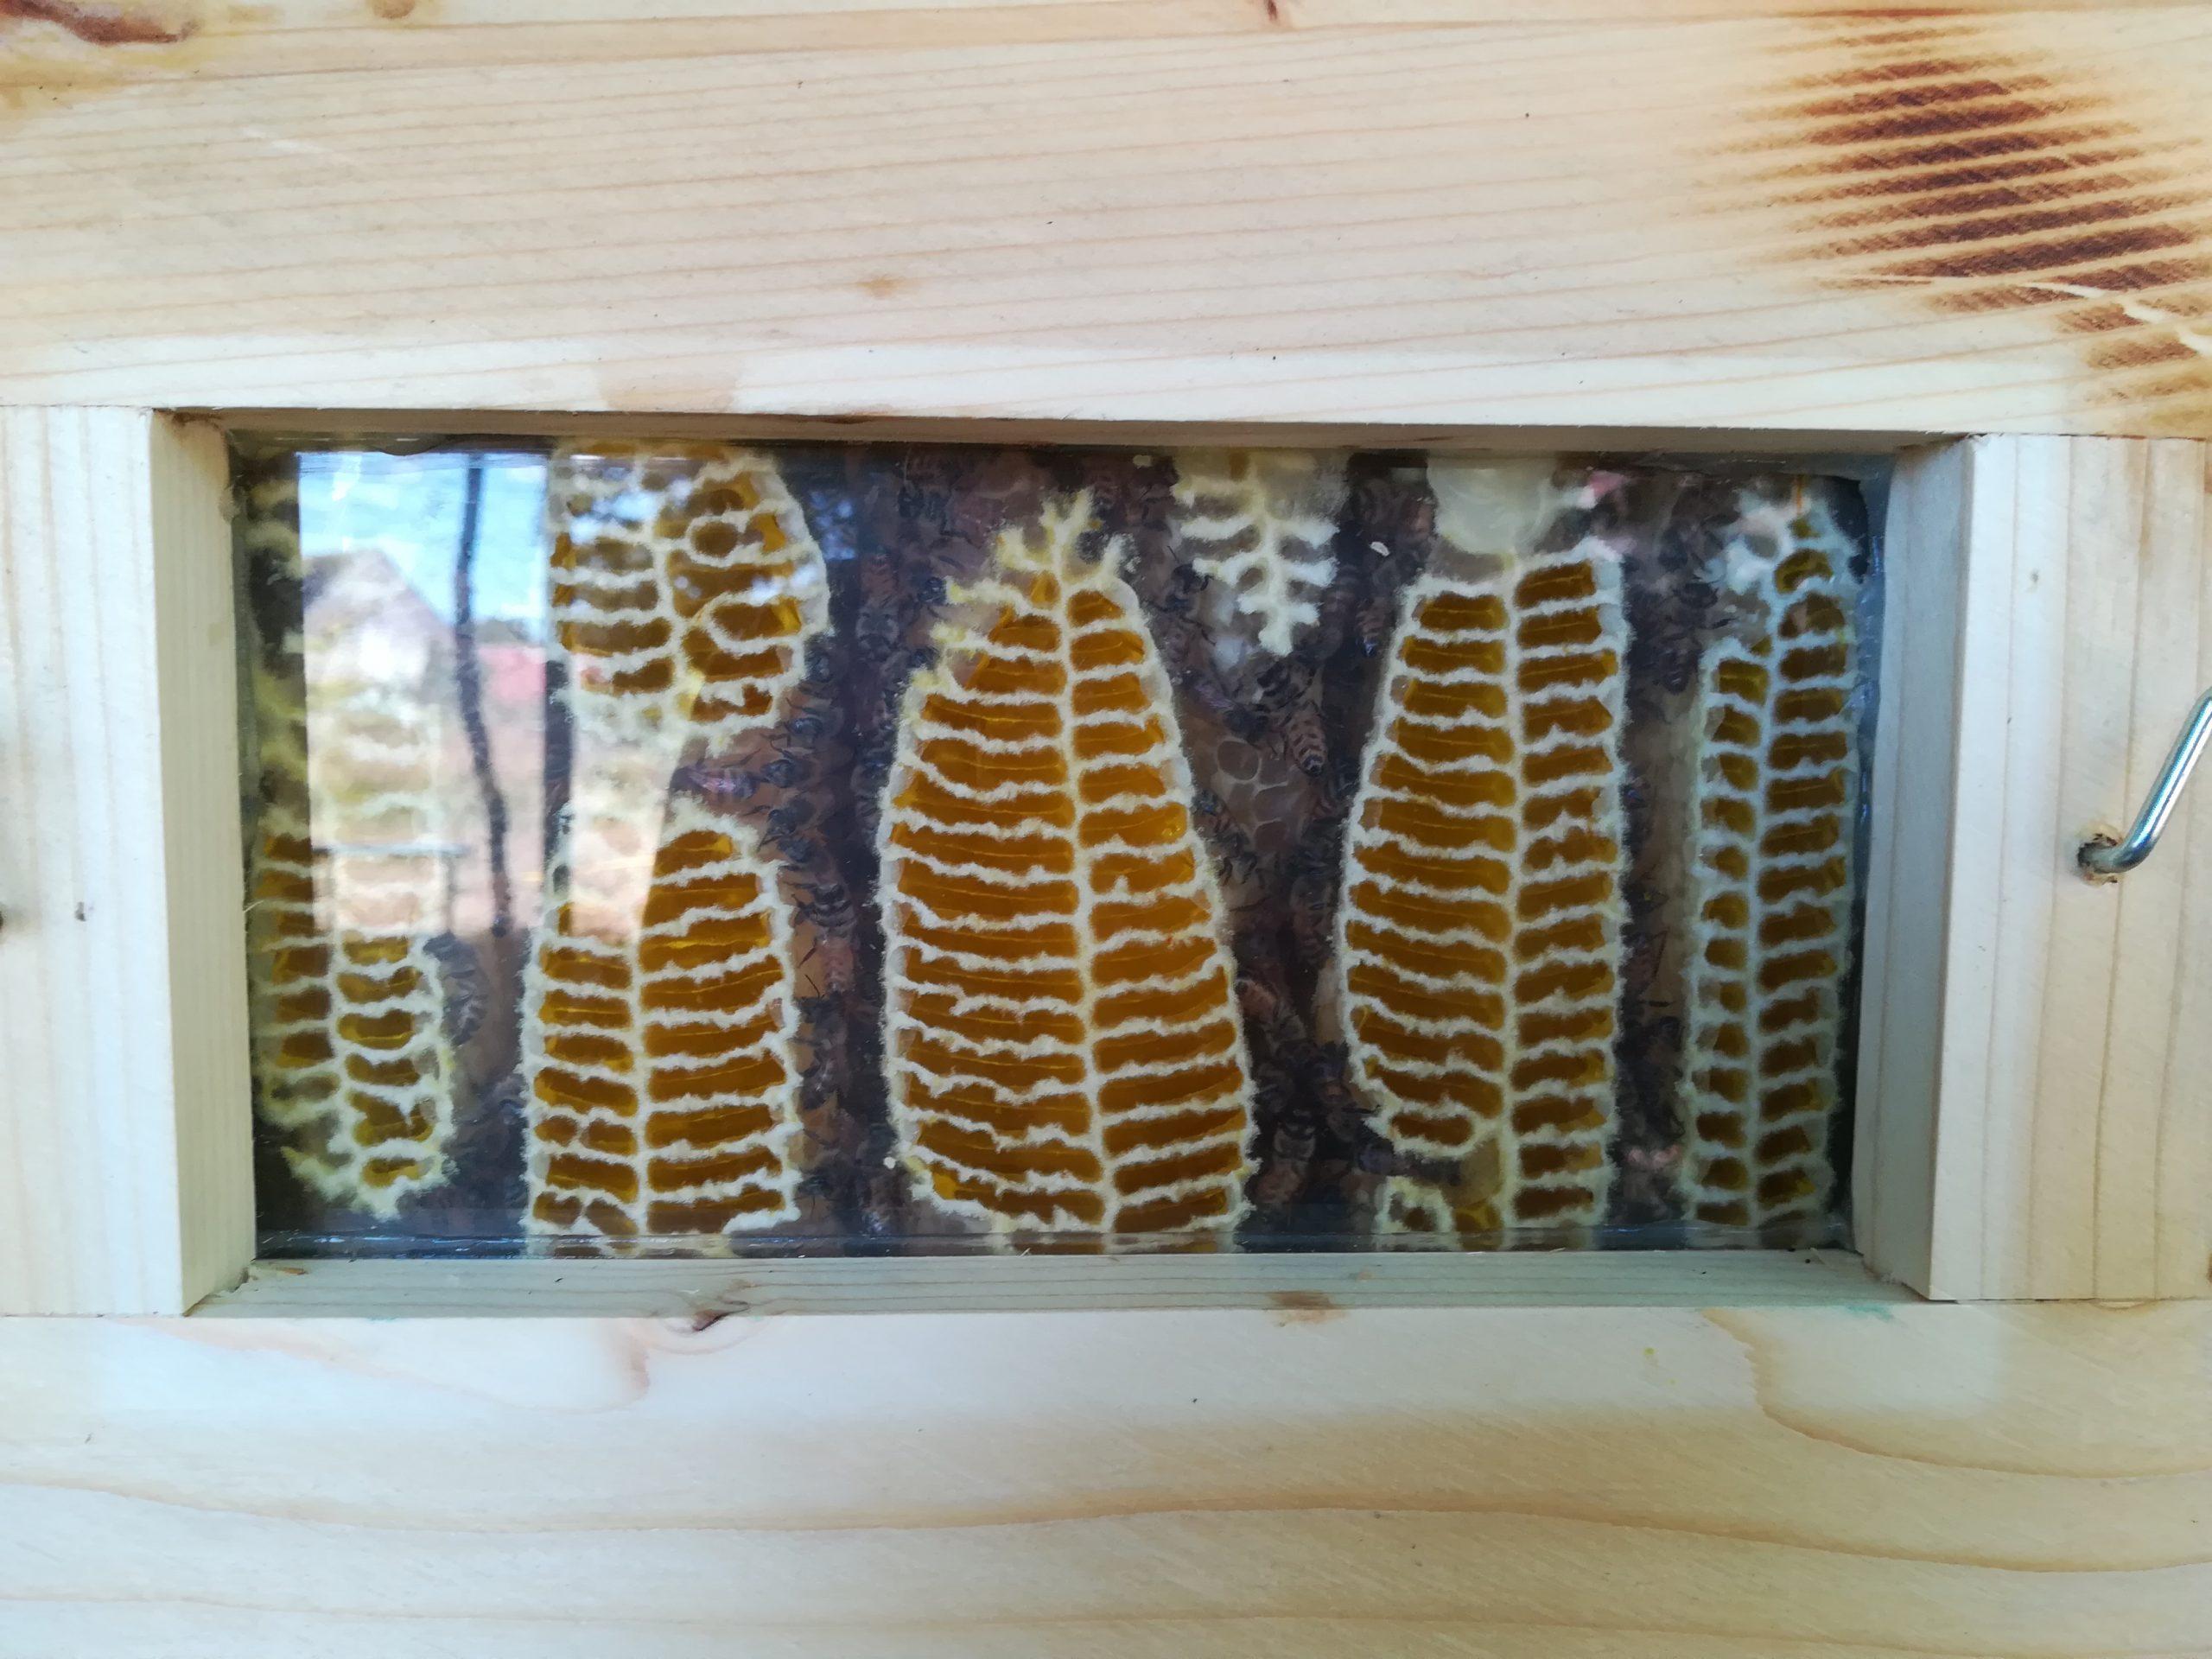 par la fenêtre, parfois, la reine des abeilles venait dire bonjour.